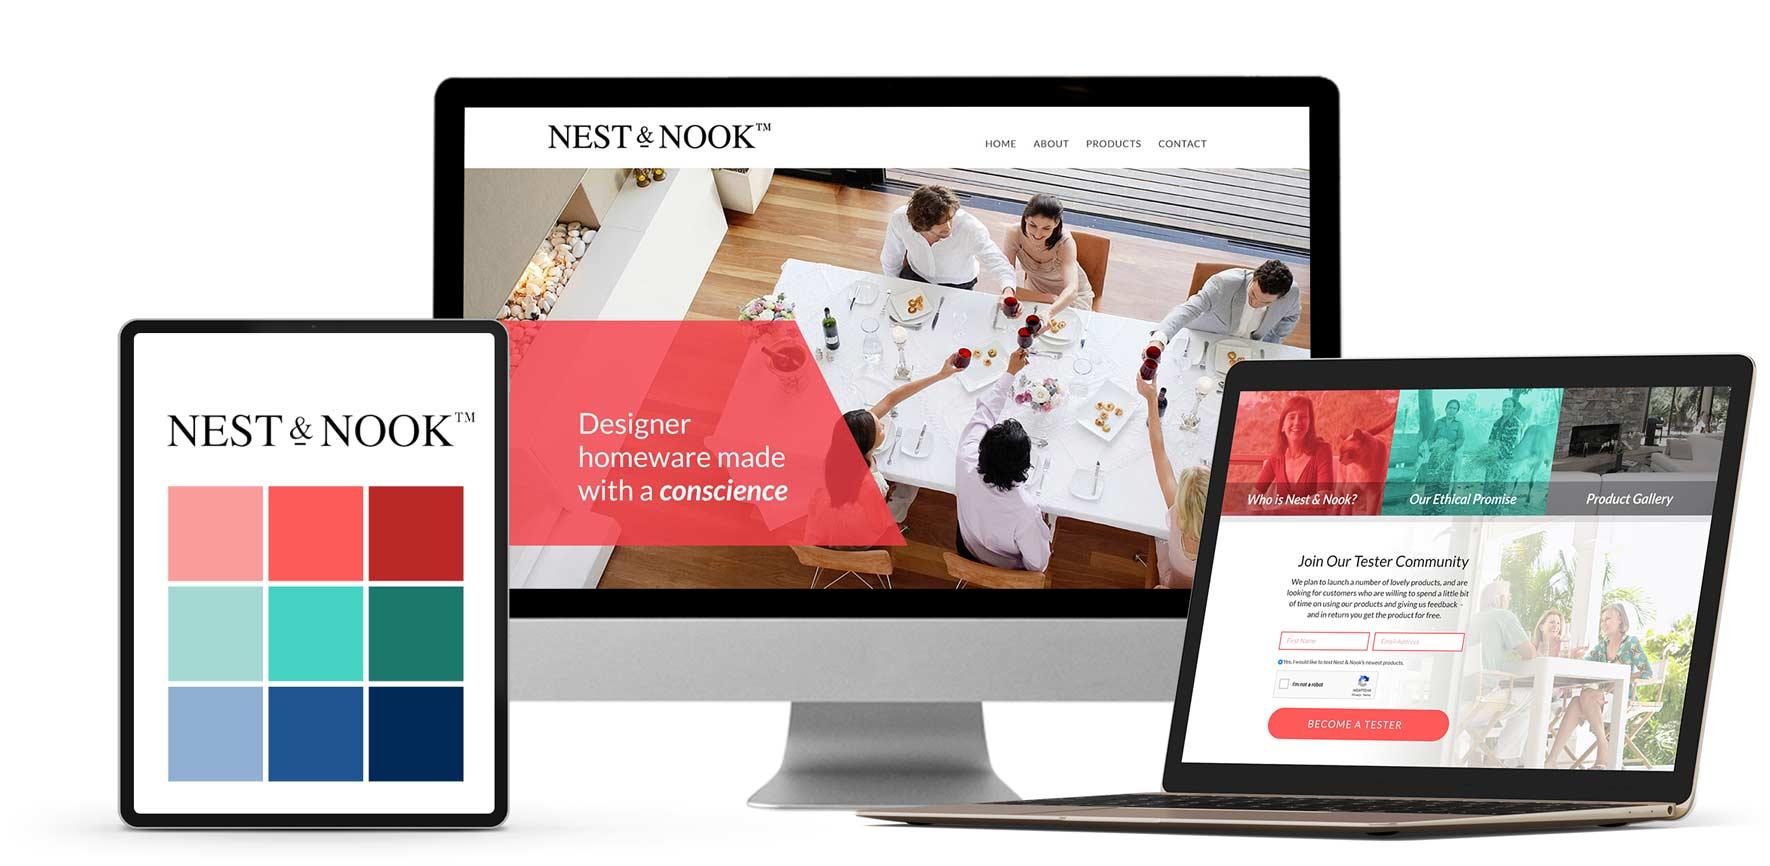 Portfolio Design Mastermind Nest & Nook